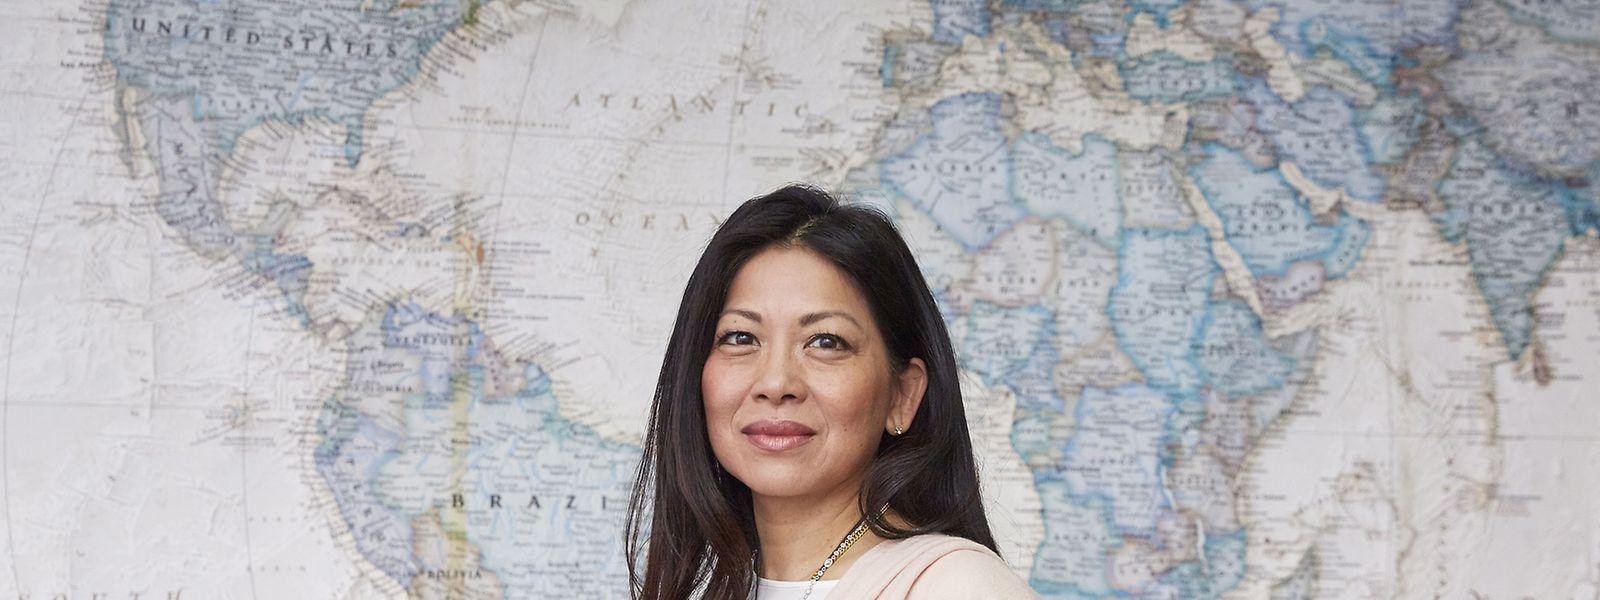 Die Menschenrechtlerin wurde im Jahr 1964 in Kalifornien in eine chinesische Immigrantenfamilie aus Hongkong hineingeboren.